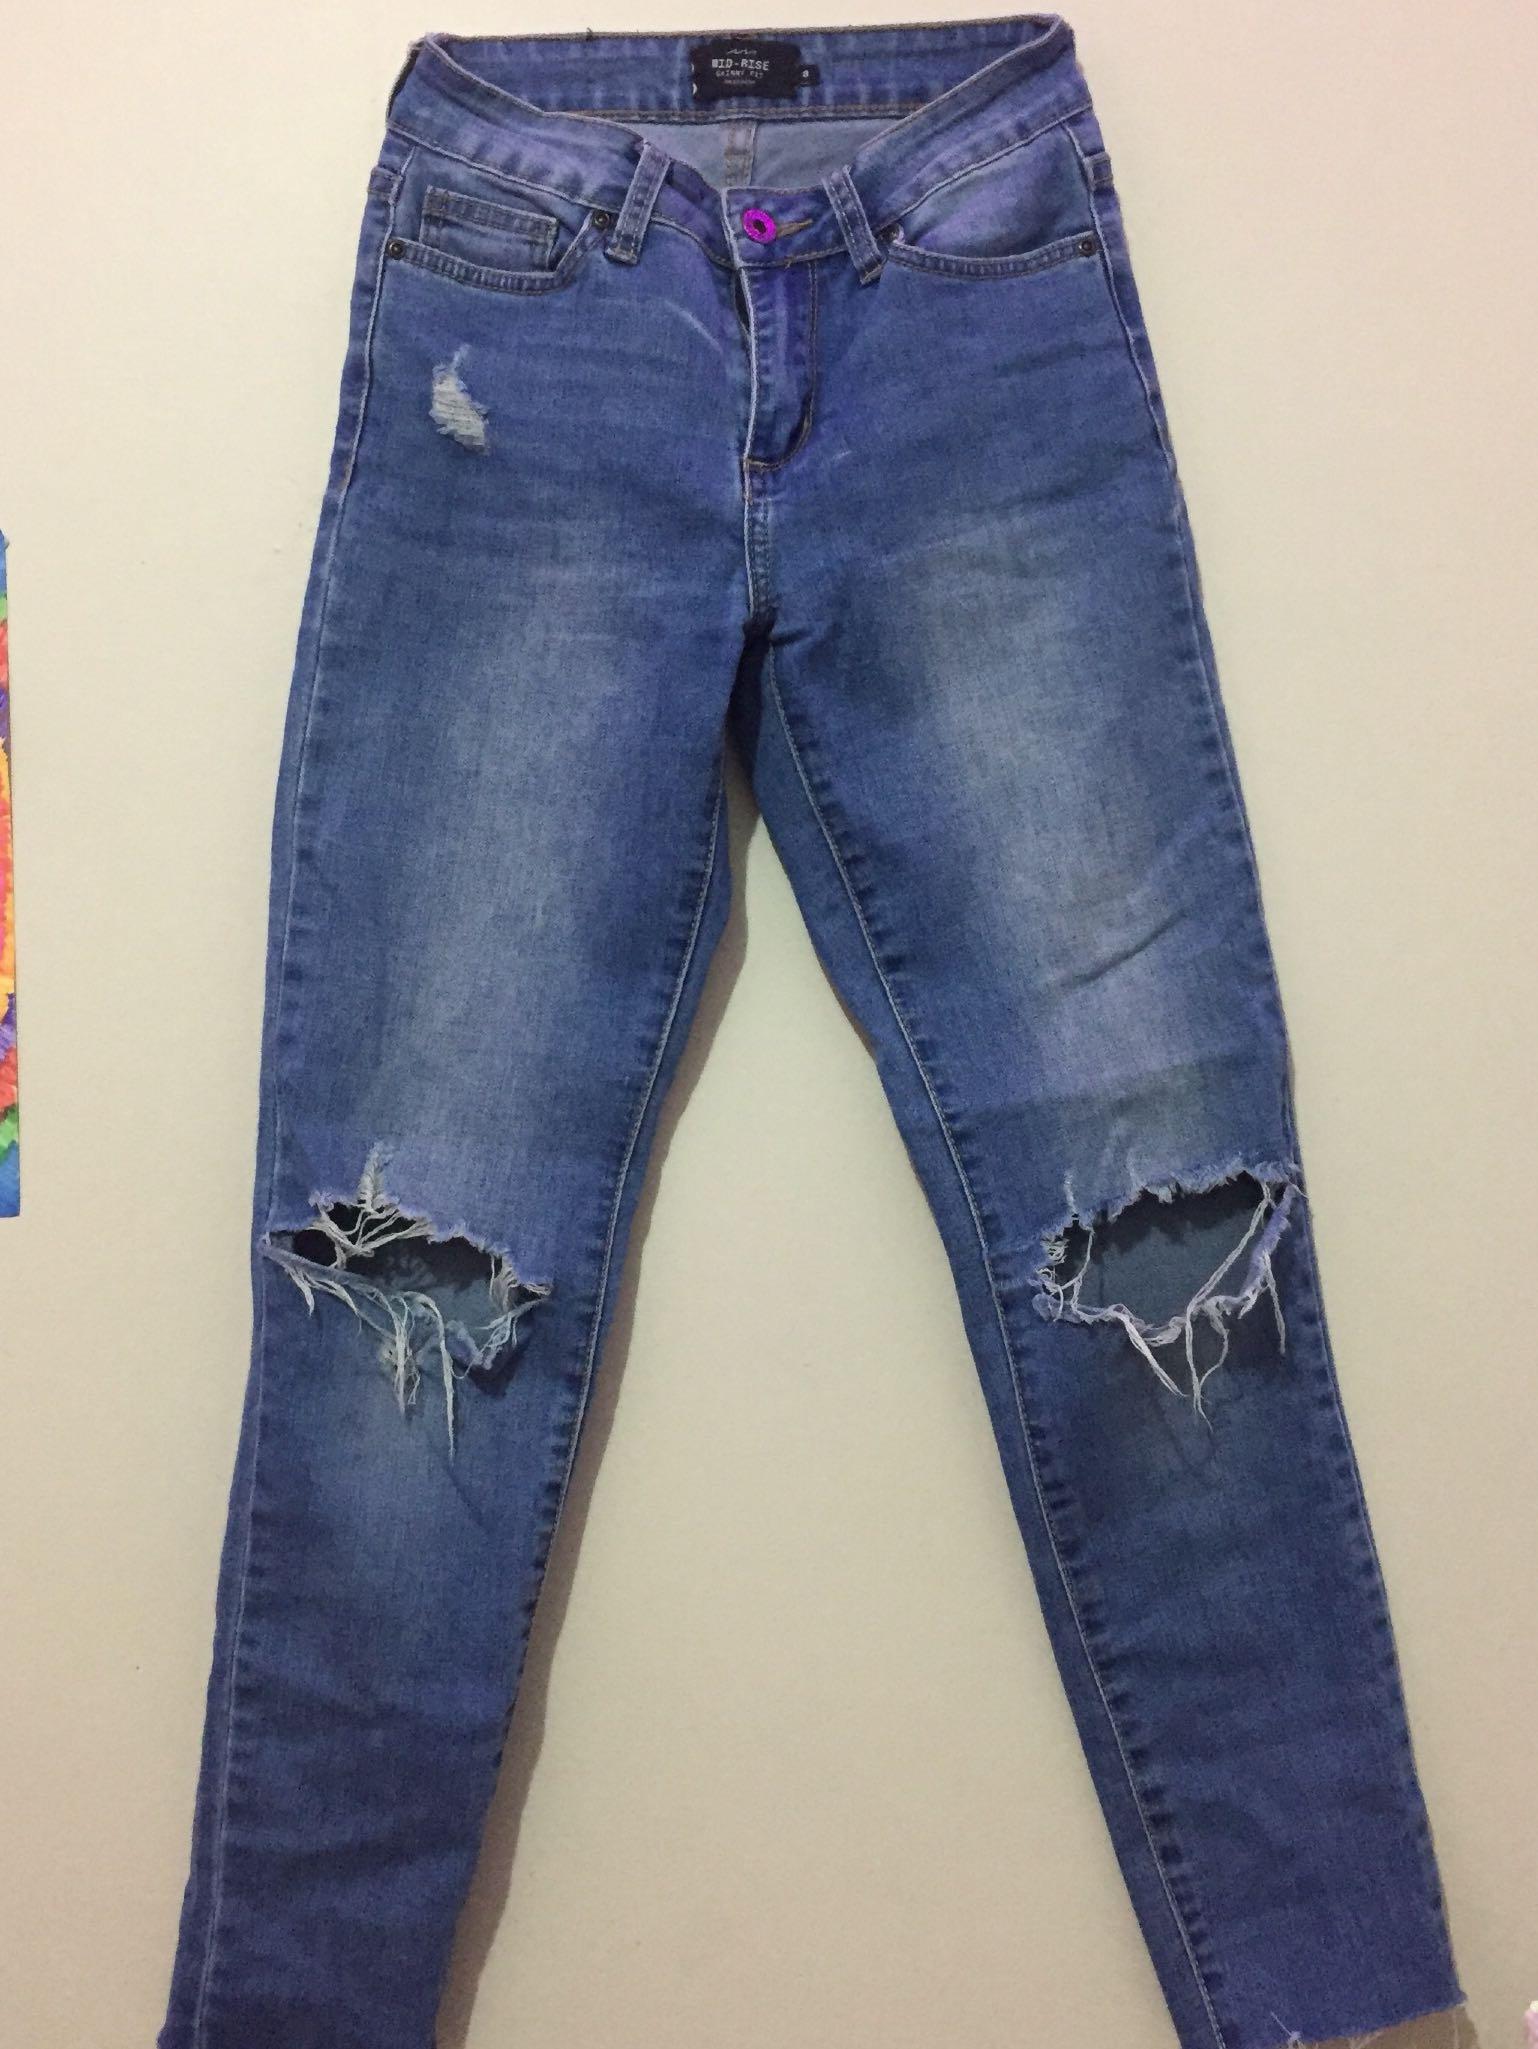 Factorie size 8 jeans